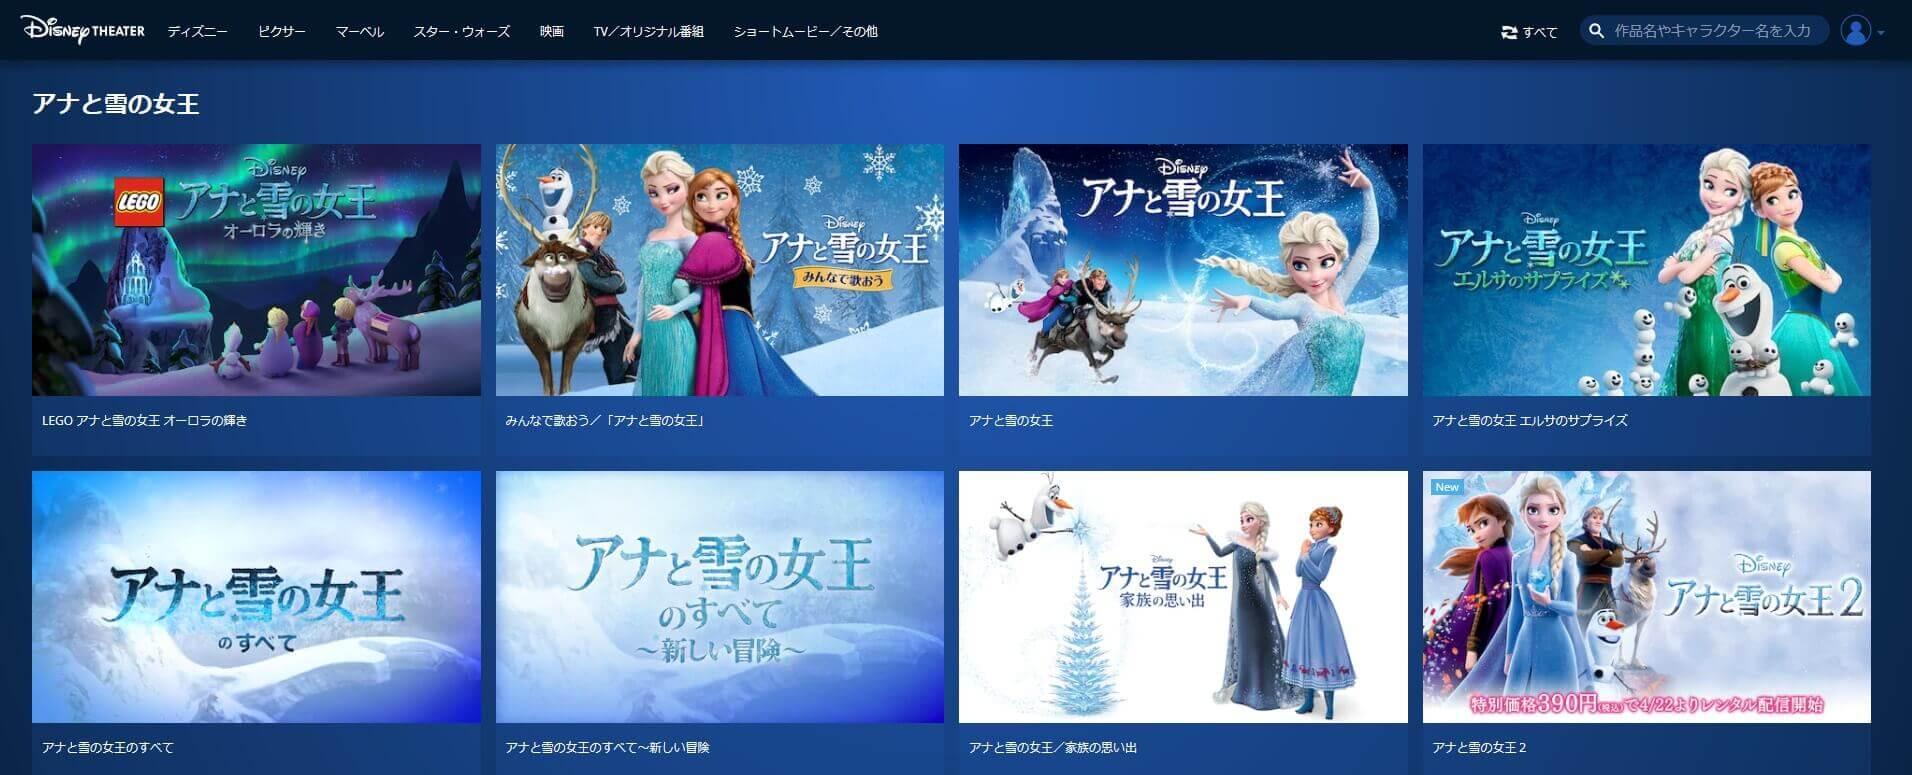 アナ雪2のレンタル配信:ディズニーデラックス・Amazonプライム・ツタヤTV